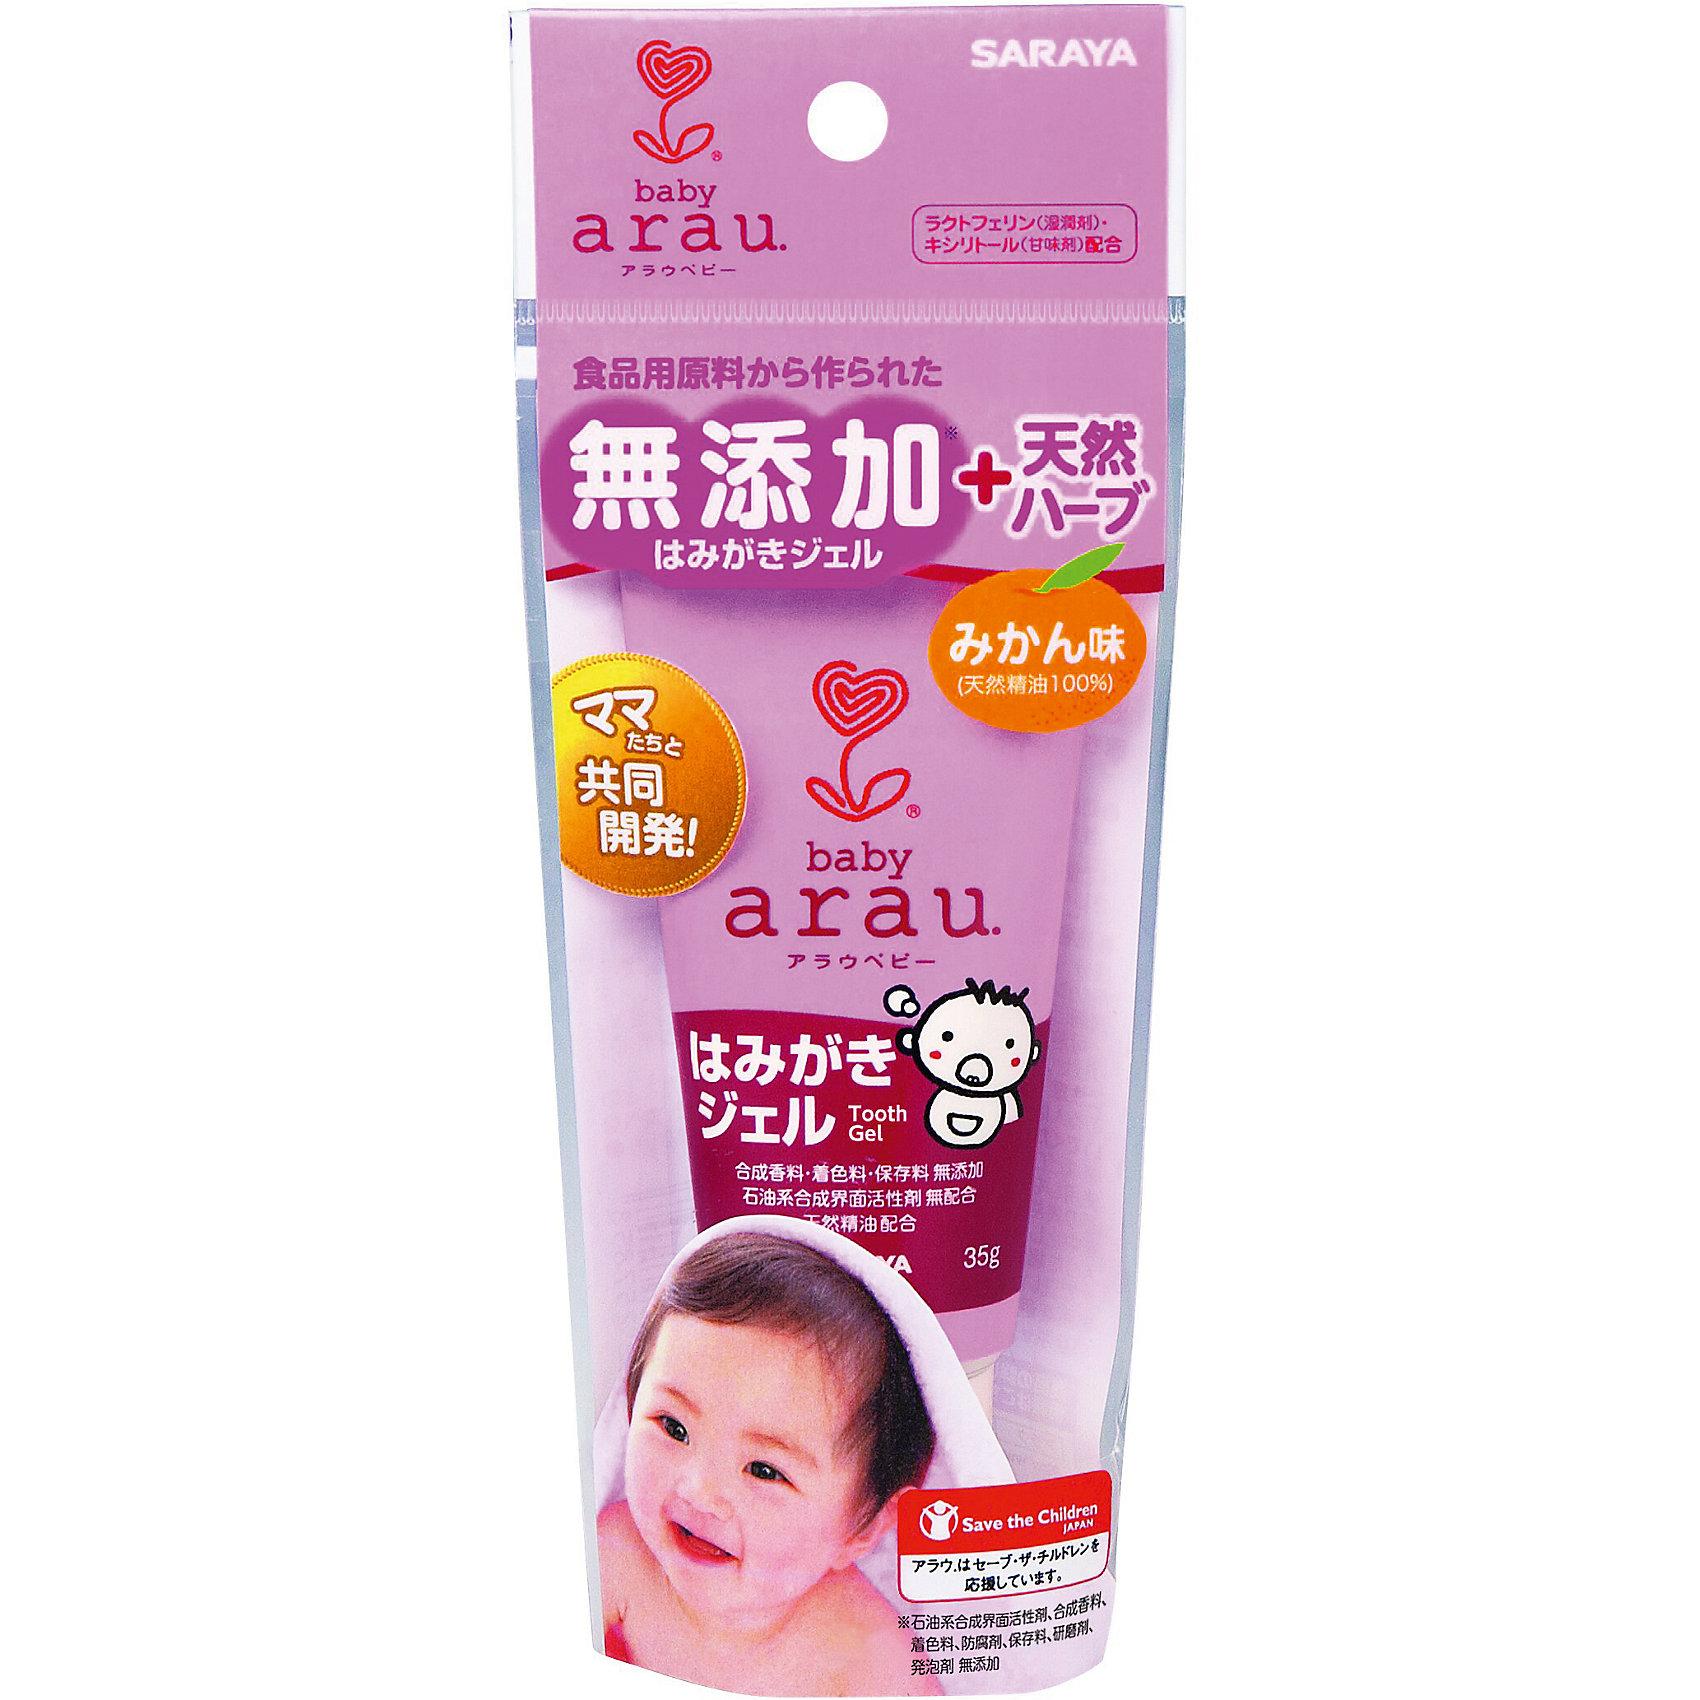 Зубная паста-гель для малышей истки Arau Baby, 35 г., Saraya